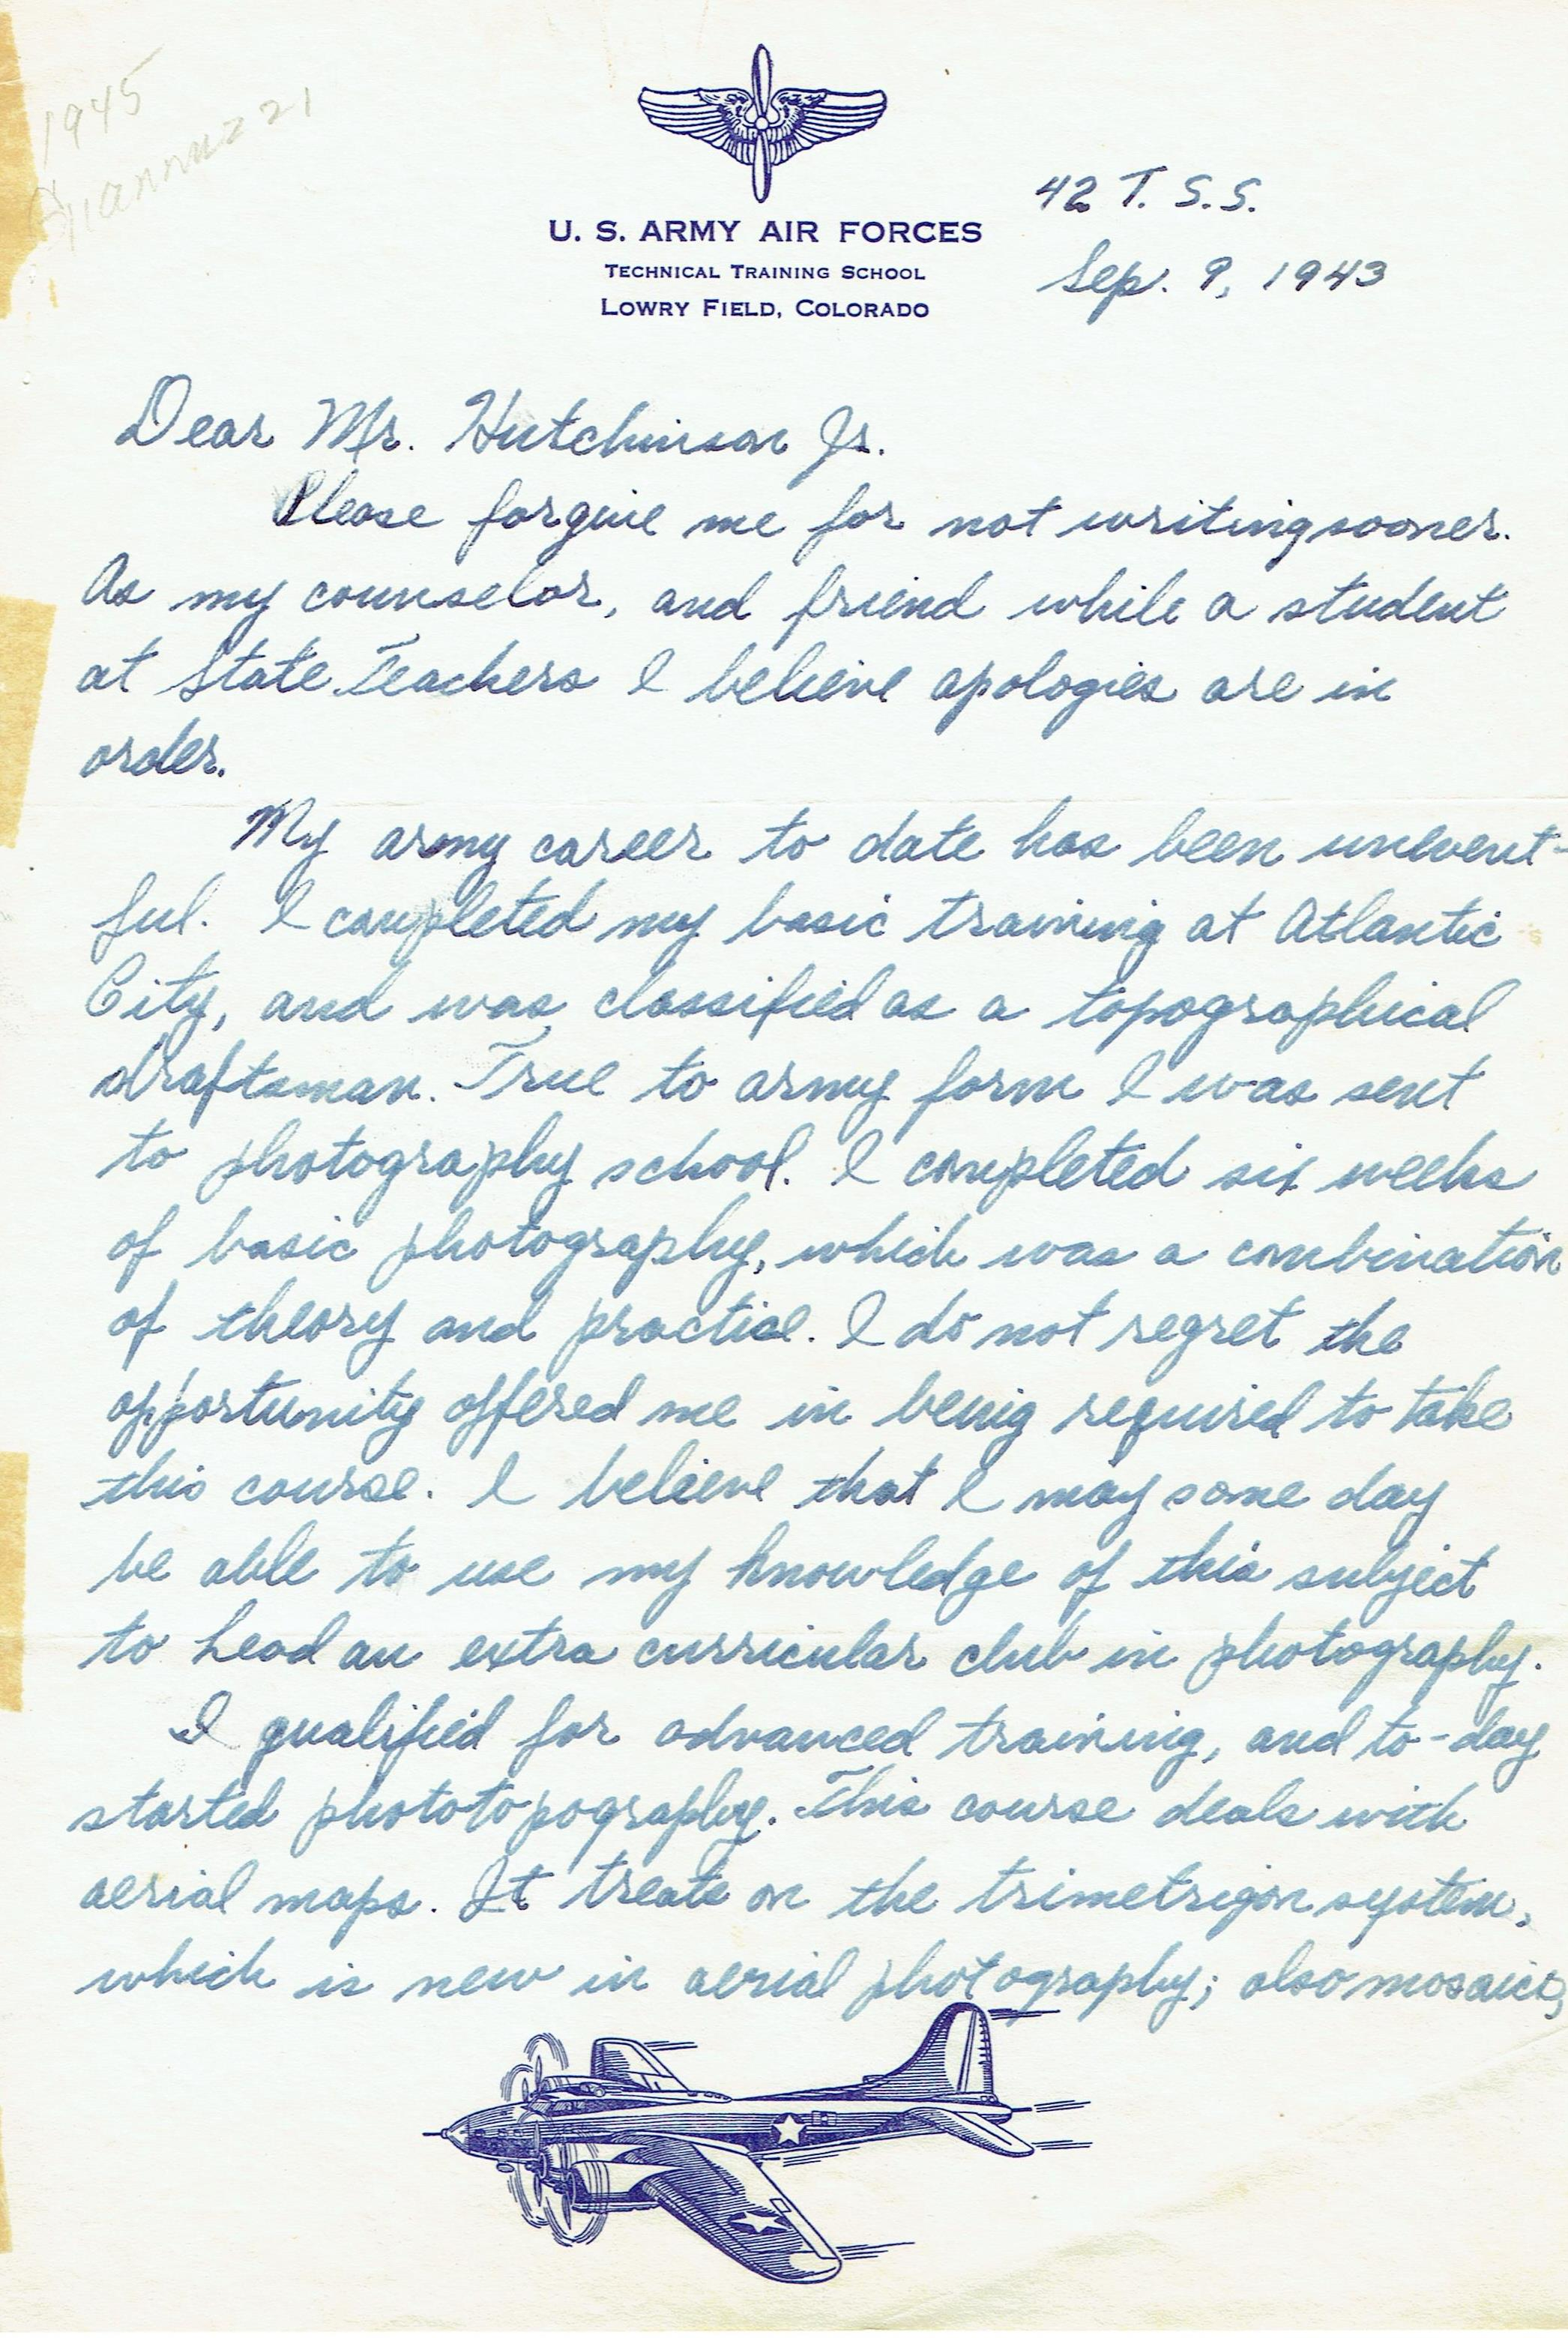 John Giannuzzi September 9 1943